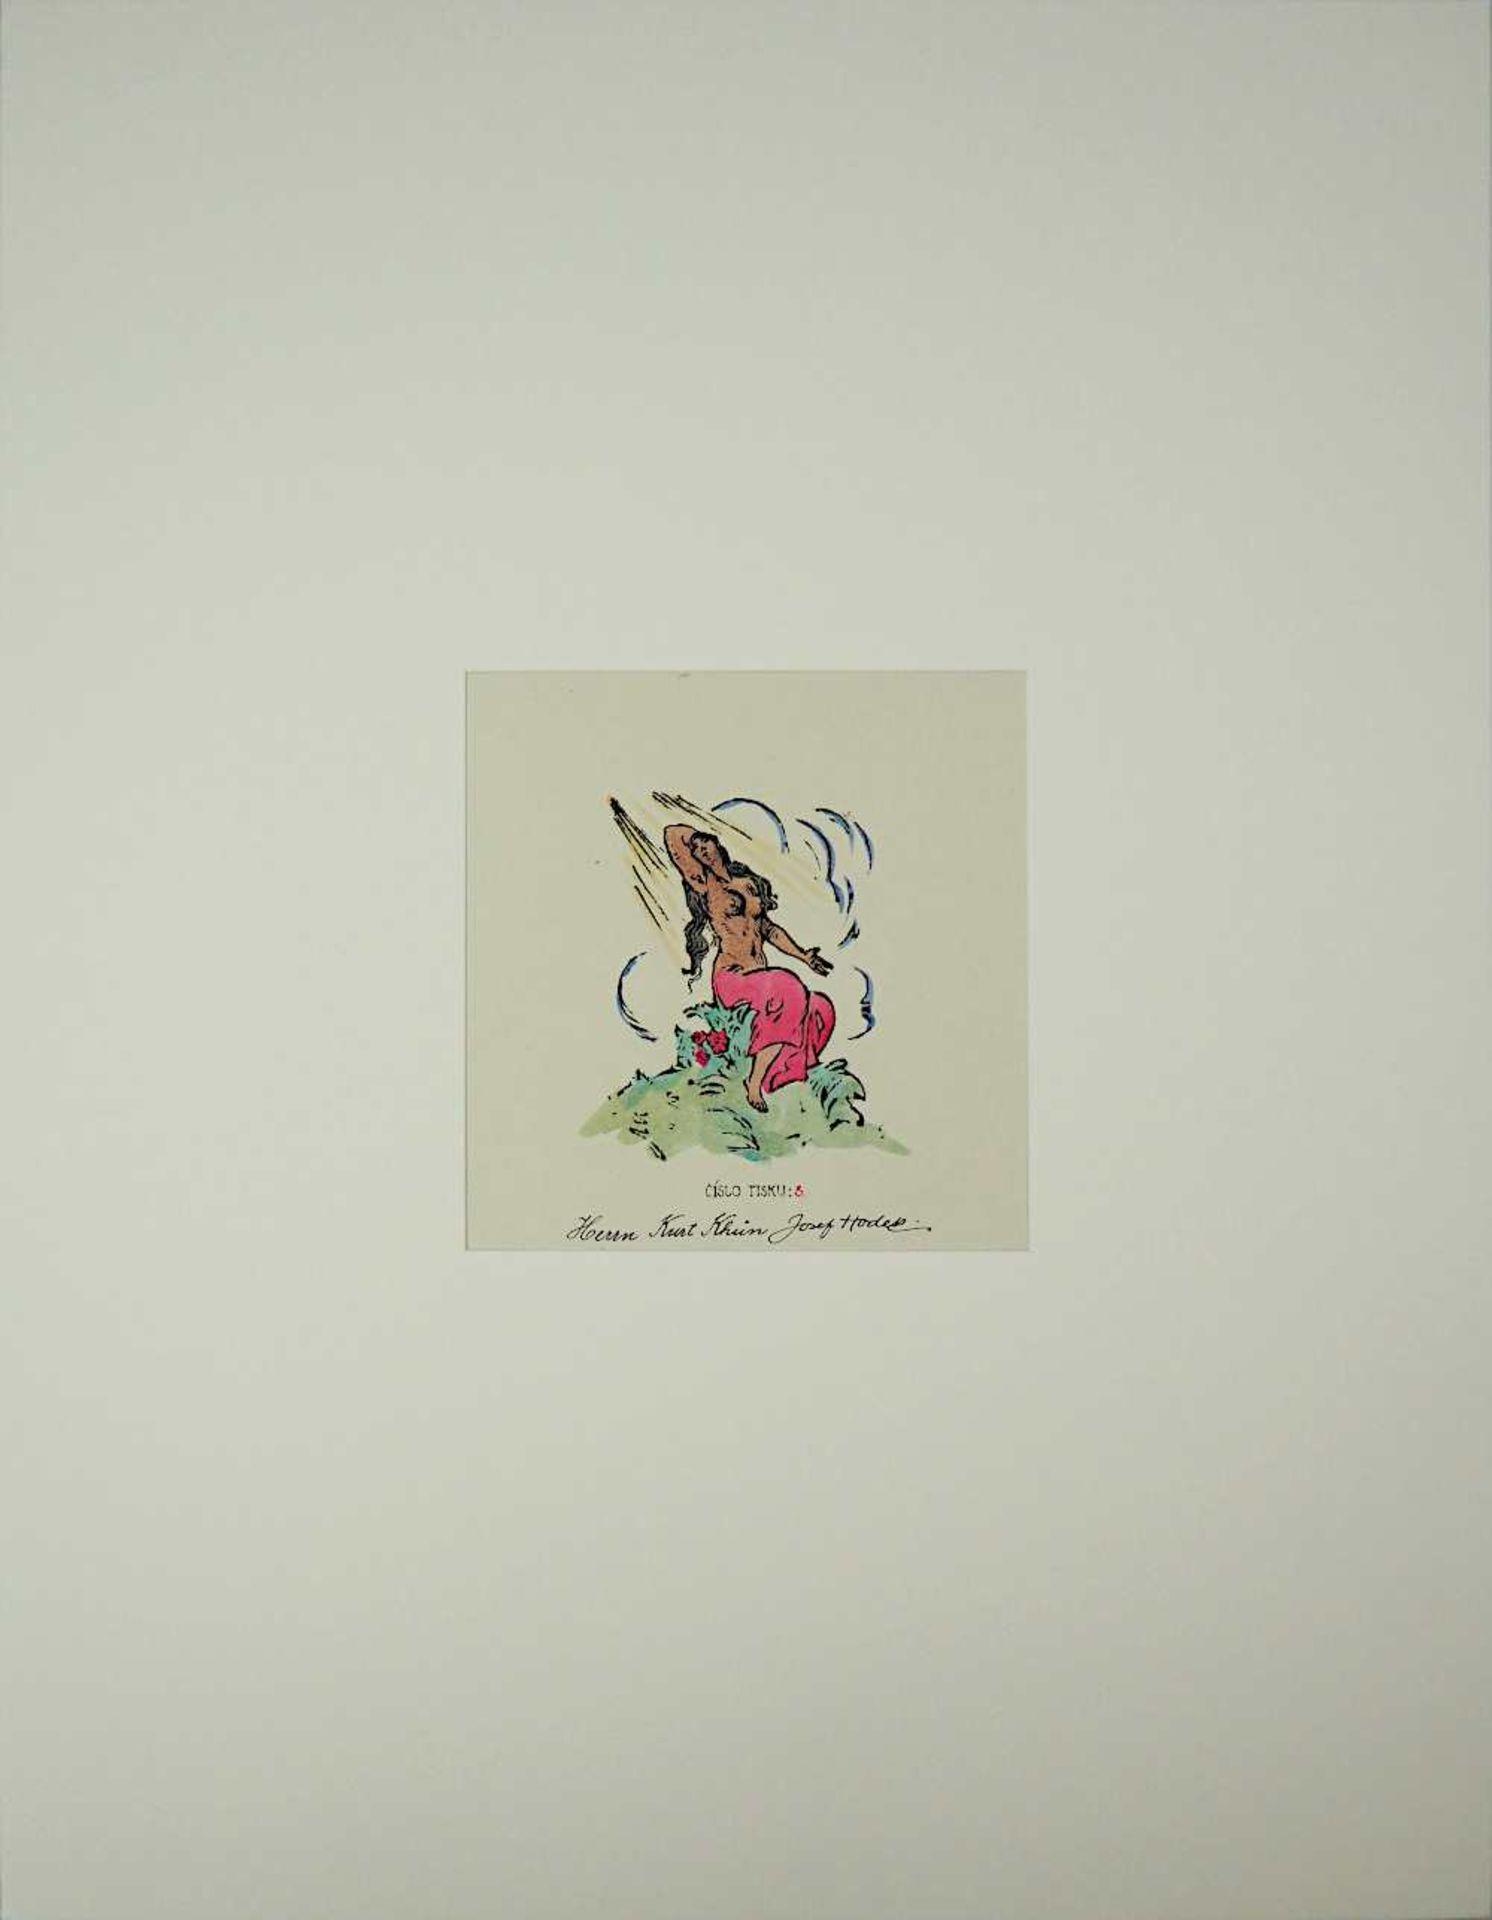 """1 handkolorierter Holzschnitt """"Aktdarstellung"""" R.u. sign. Josef HODEK (wohl 1888-1973) - Bild 2 aus 2"""